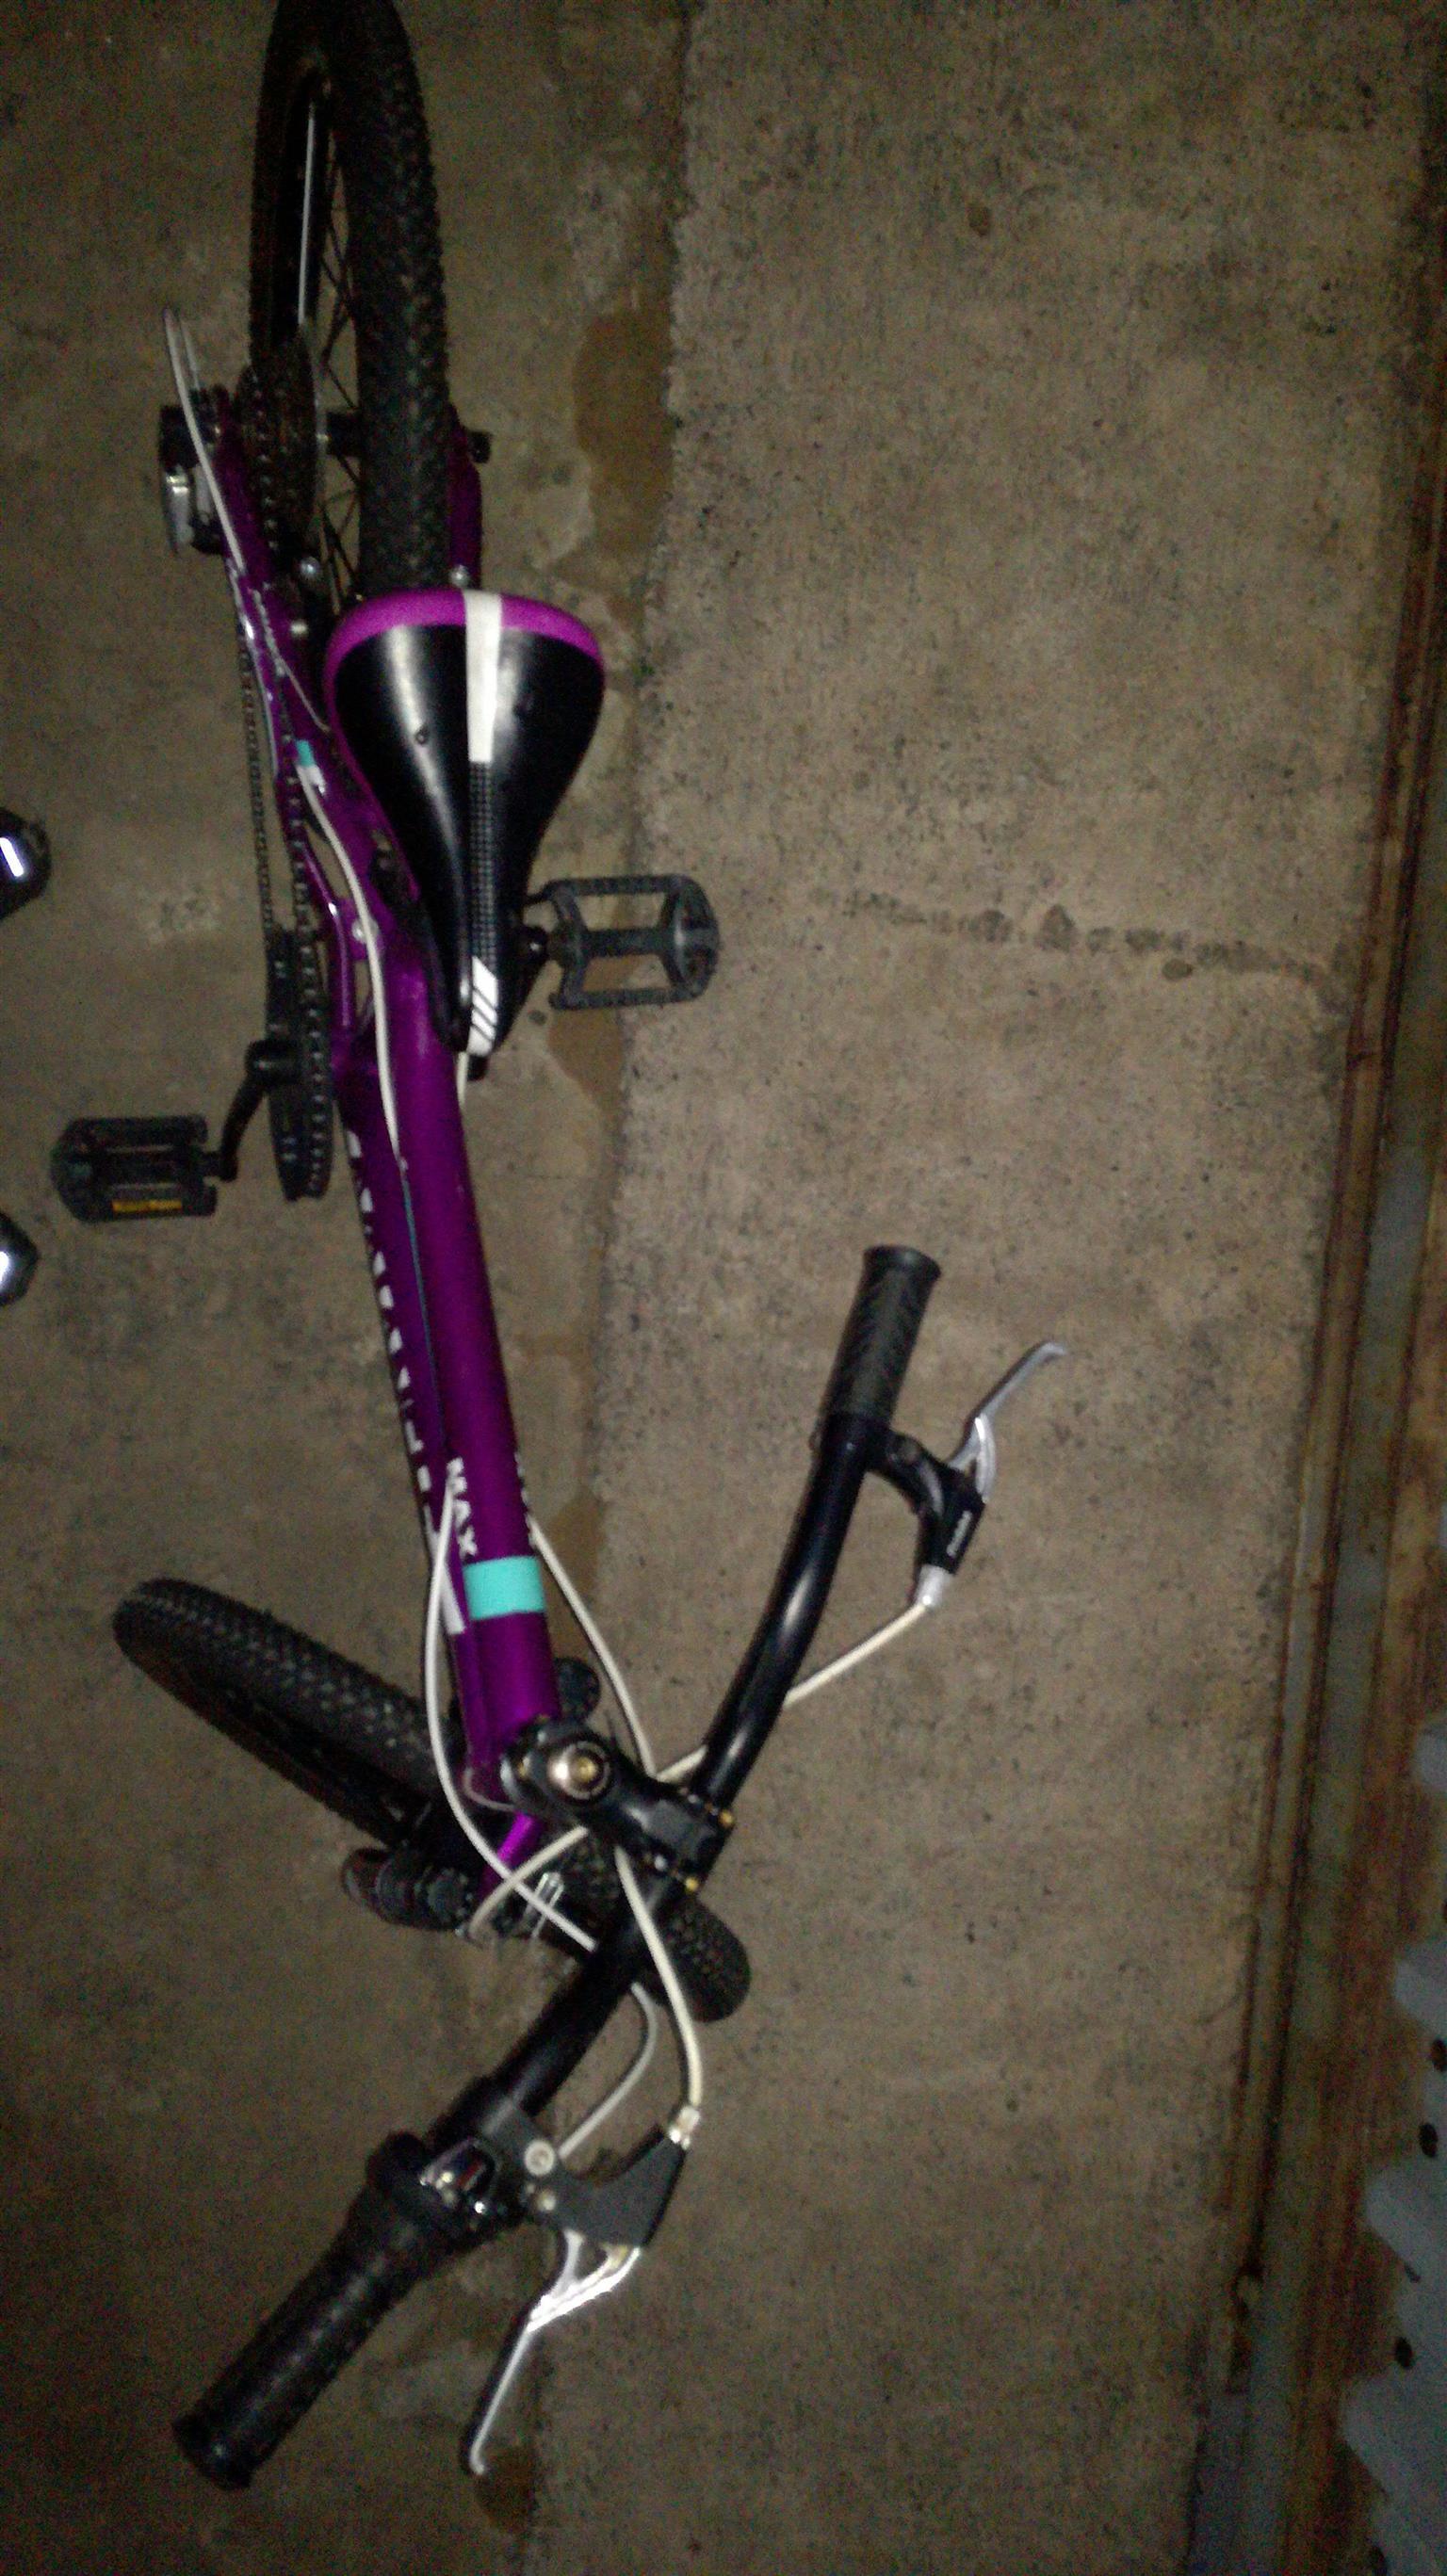 Advanlange Girls 20inc bicycle